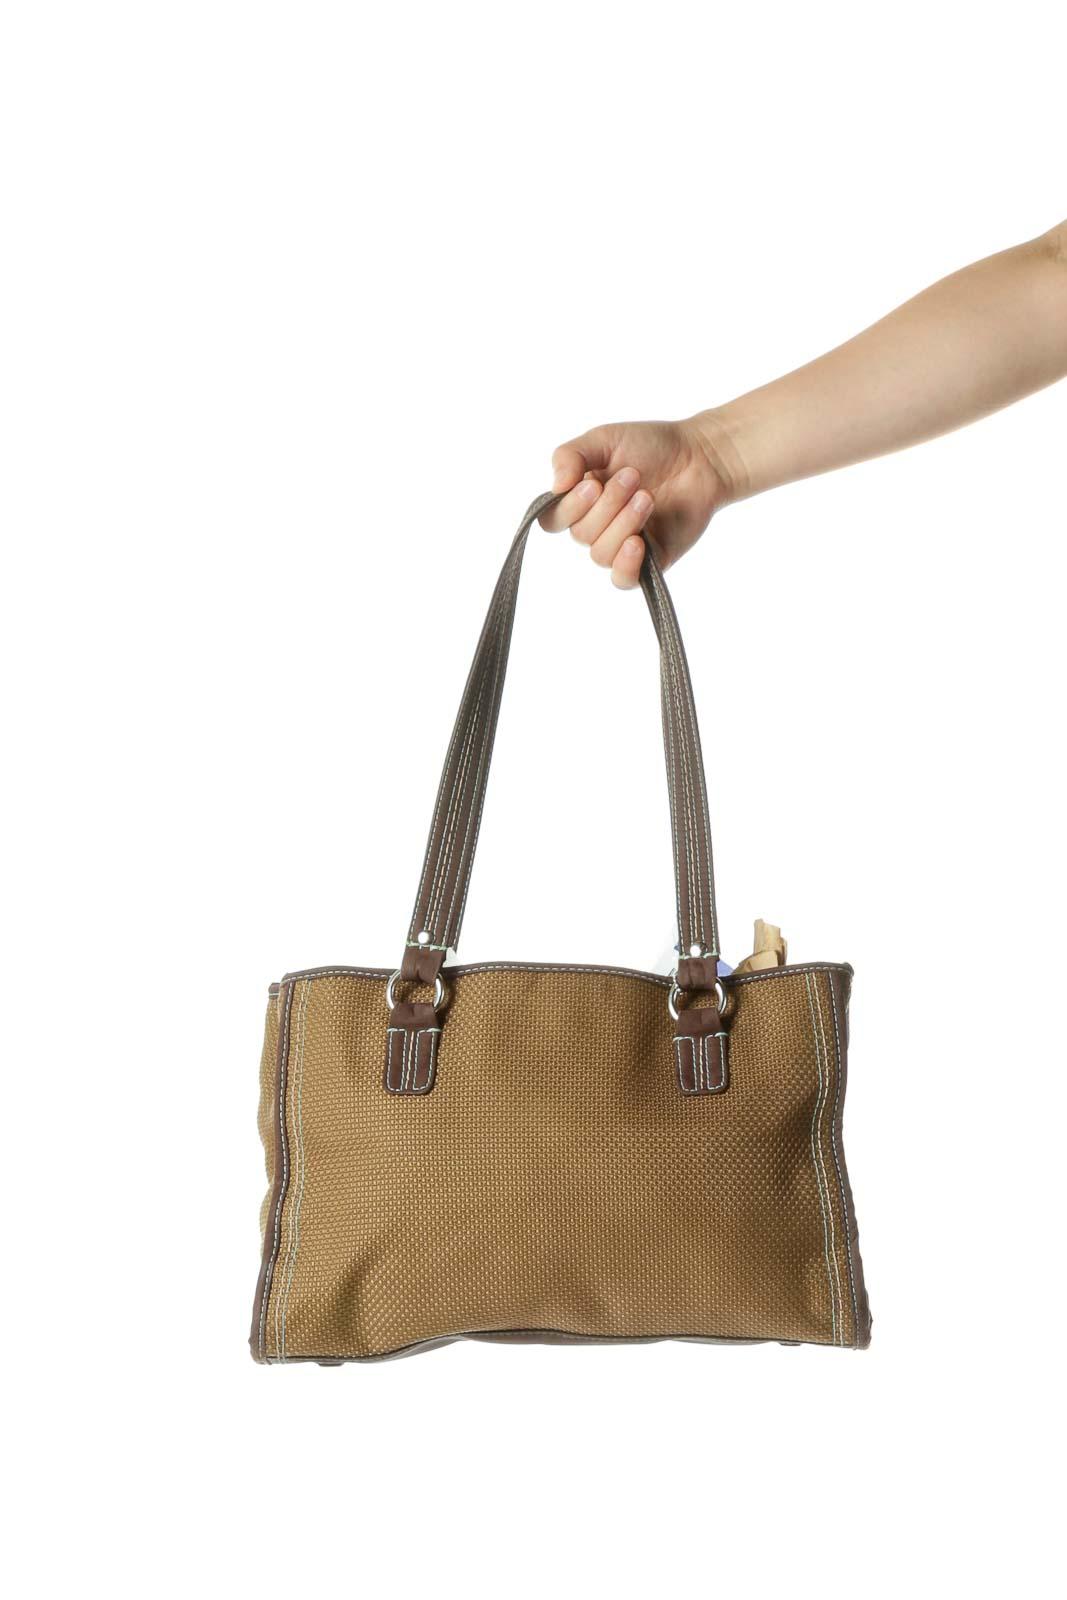 Green Woven Shoulder Bag Front